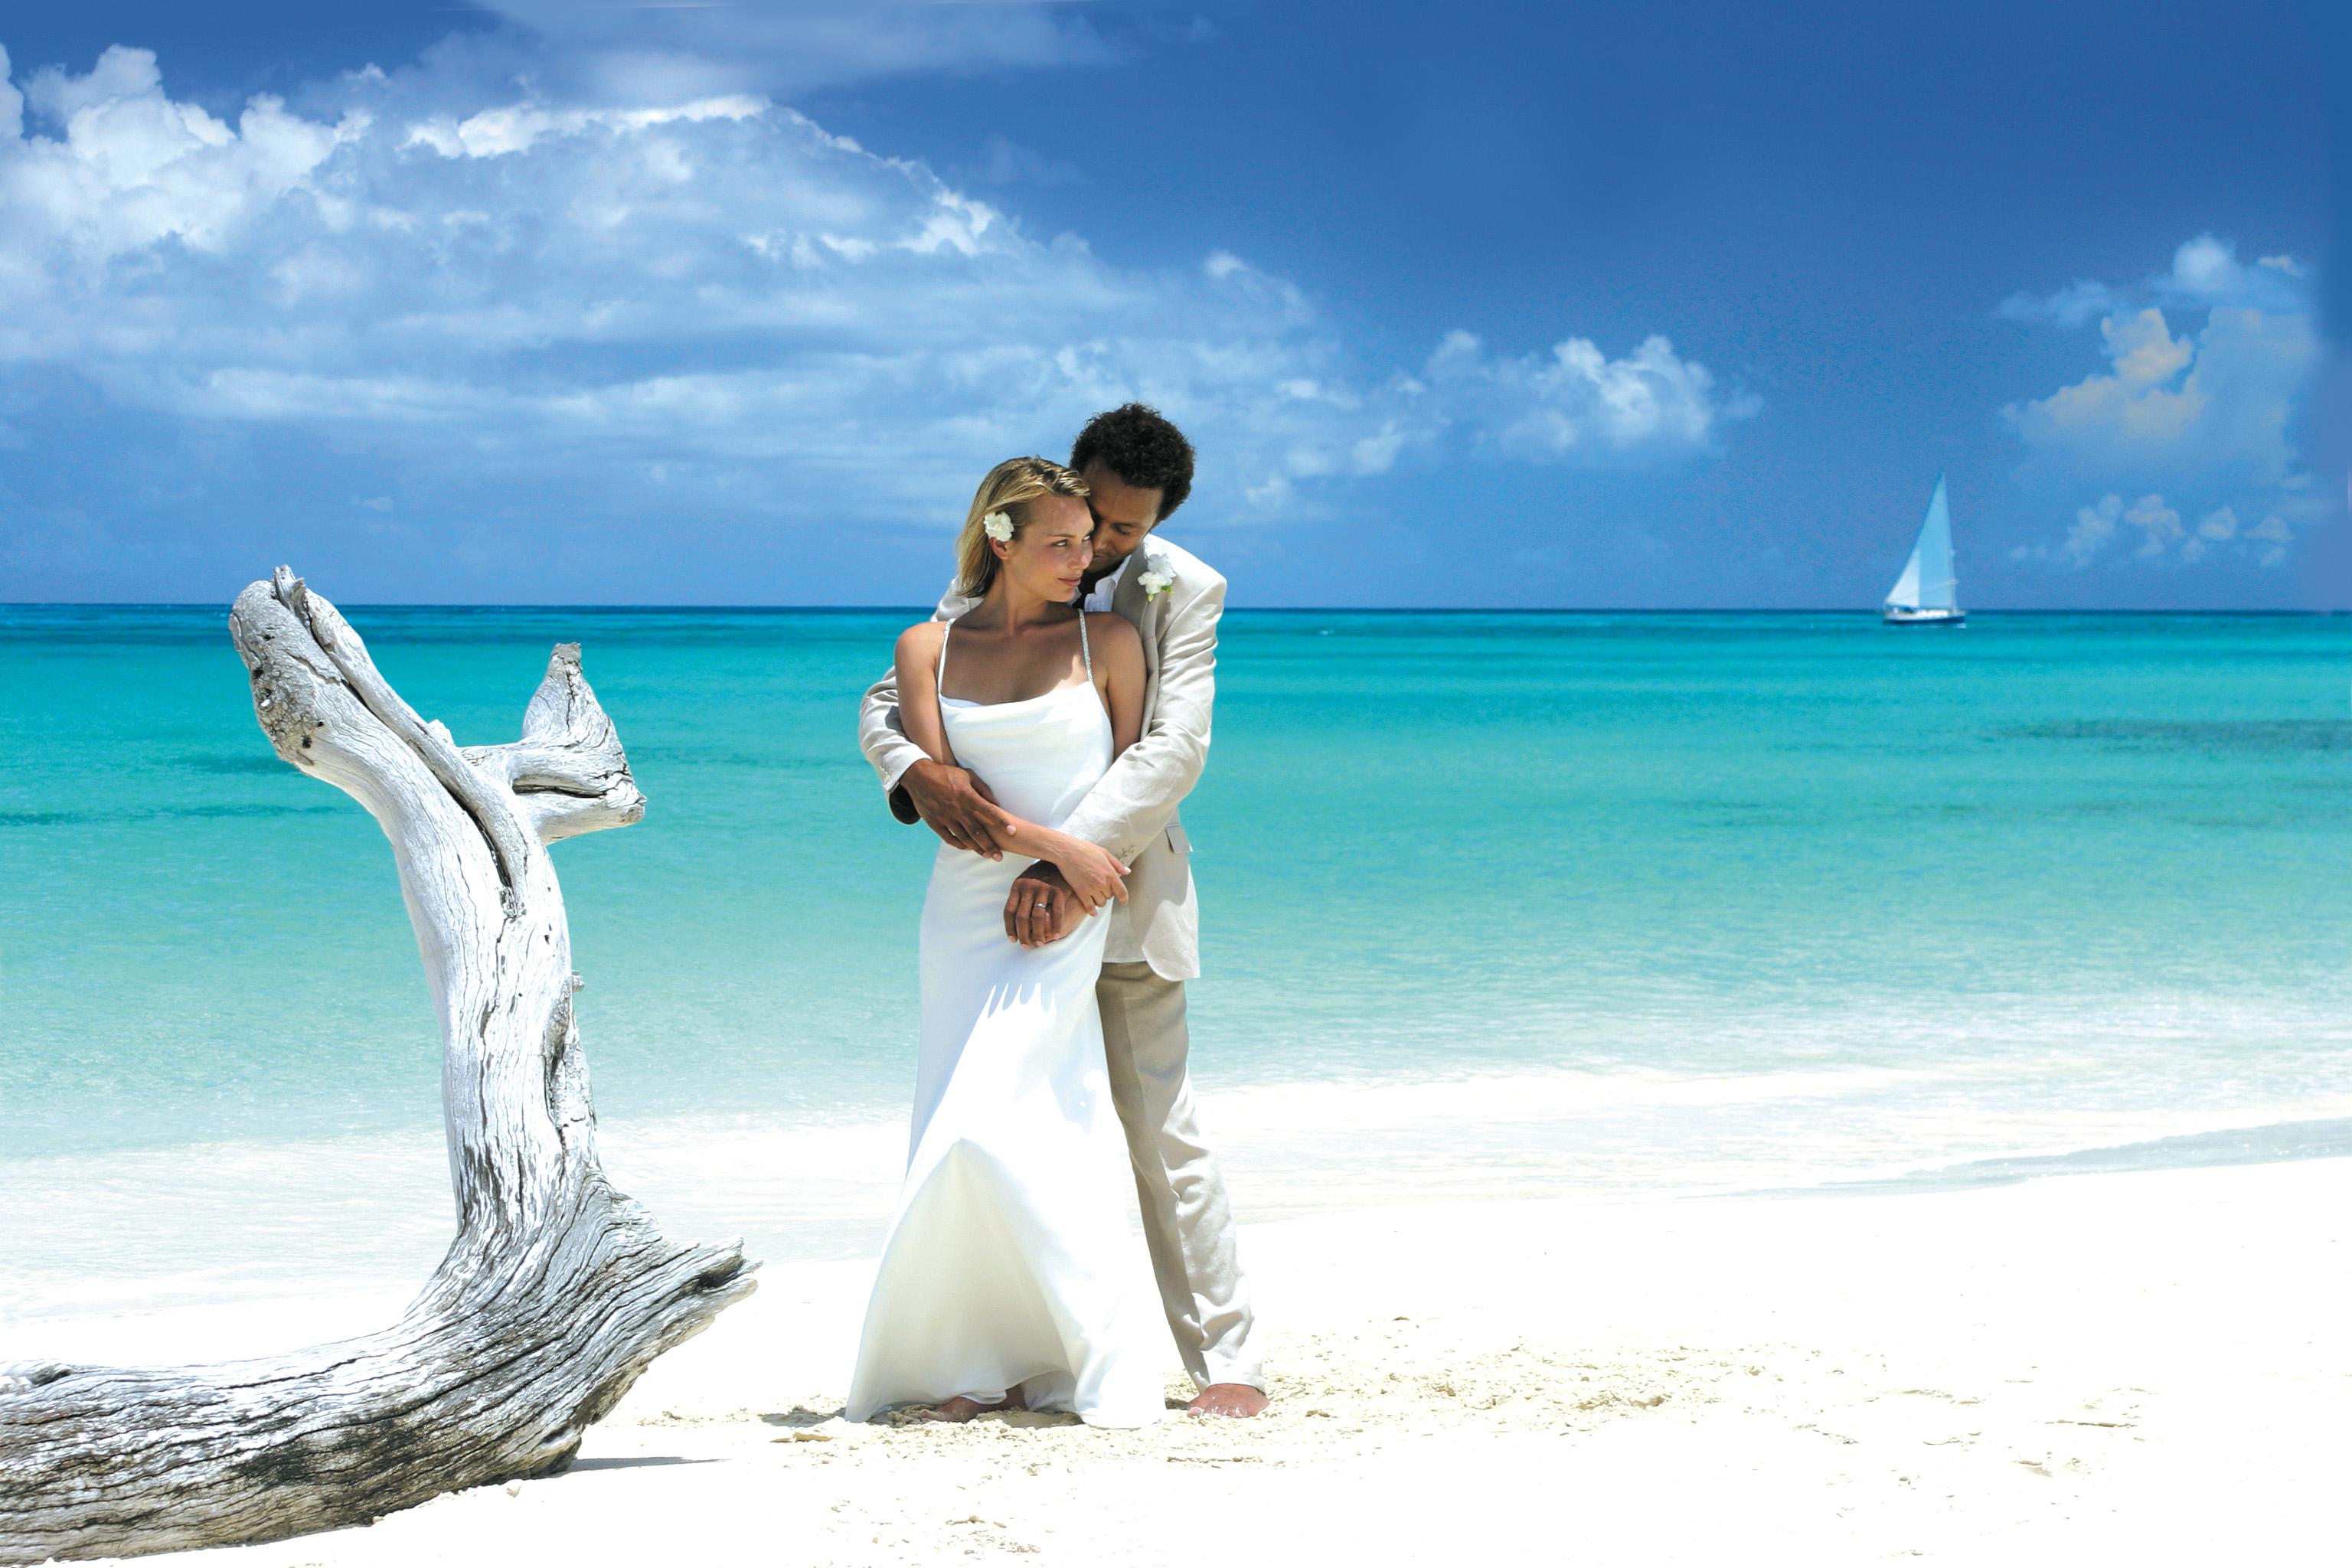 грянул, картинки для карты желаний свадьба на берегу нечего